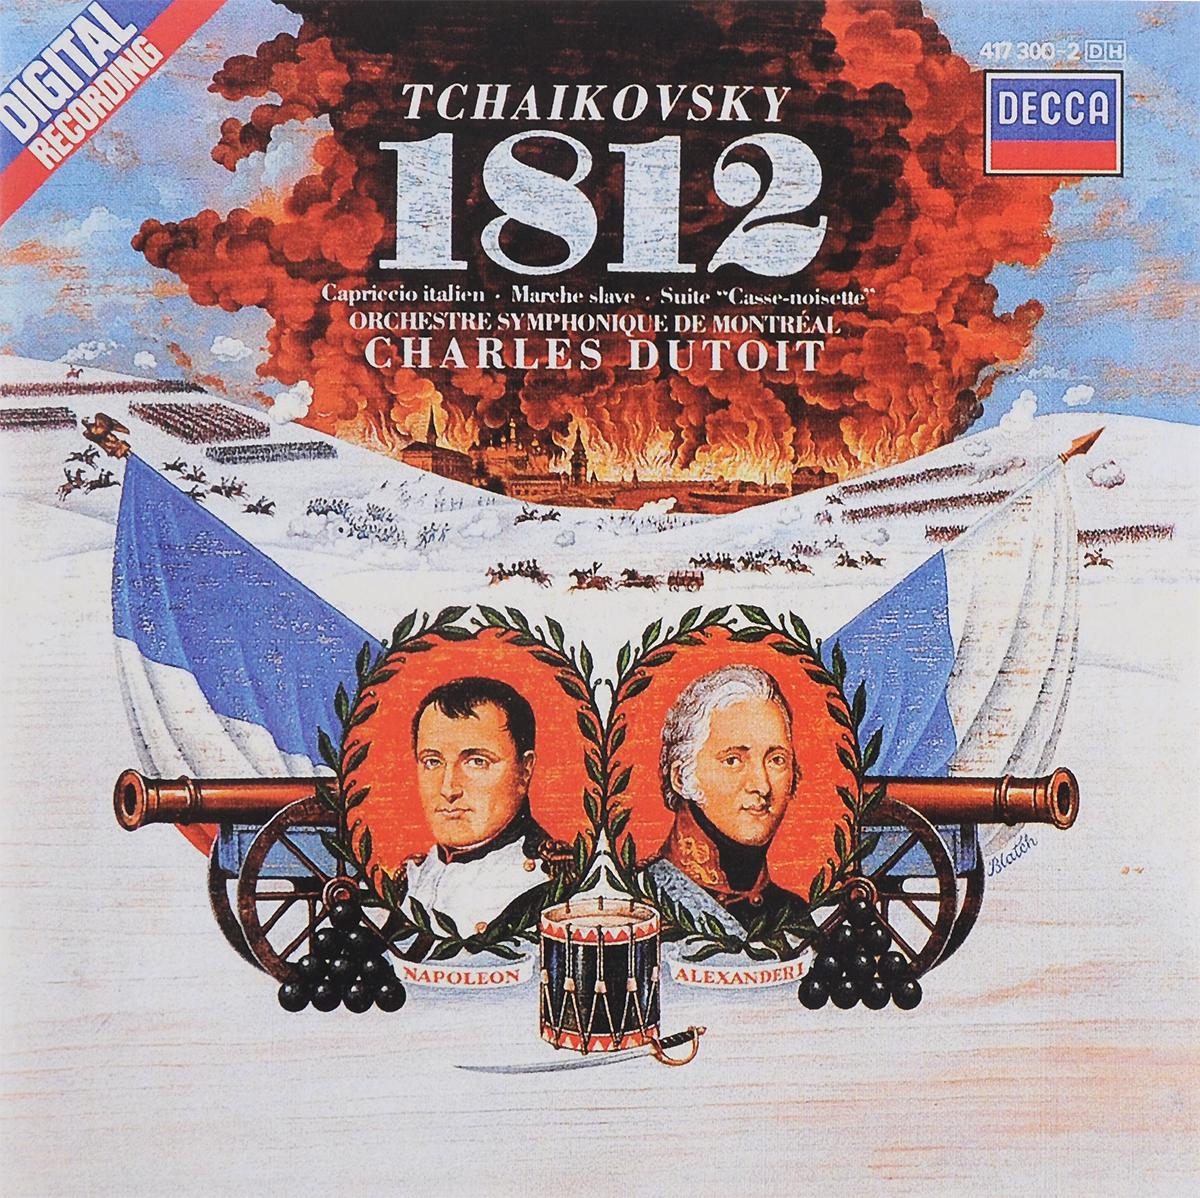 Charles Dutoit. Tchaikovsky. 1812 Overture, Op. 49 / Capriccio Italien, Op. 45 / The Nutcracker Suite, Op. 71A / Marche Slave, Op. 31